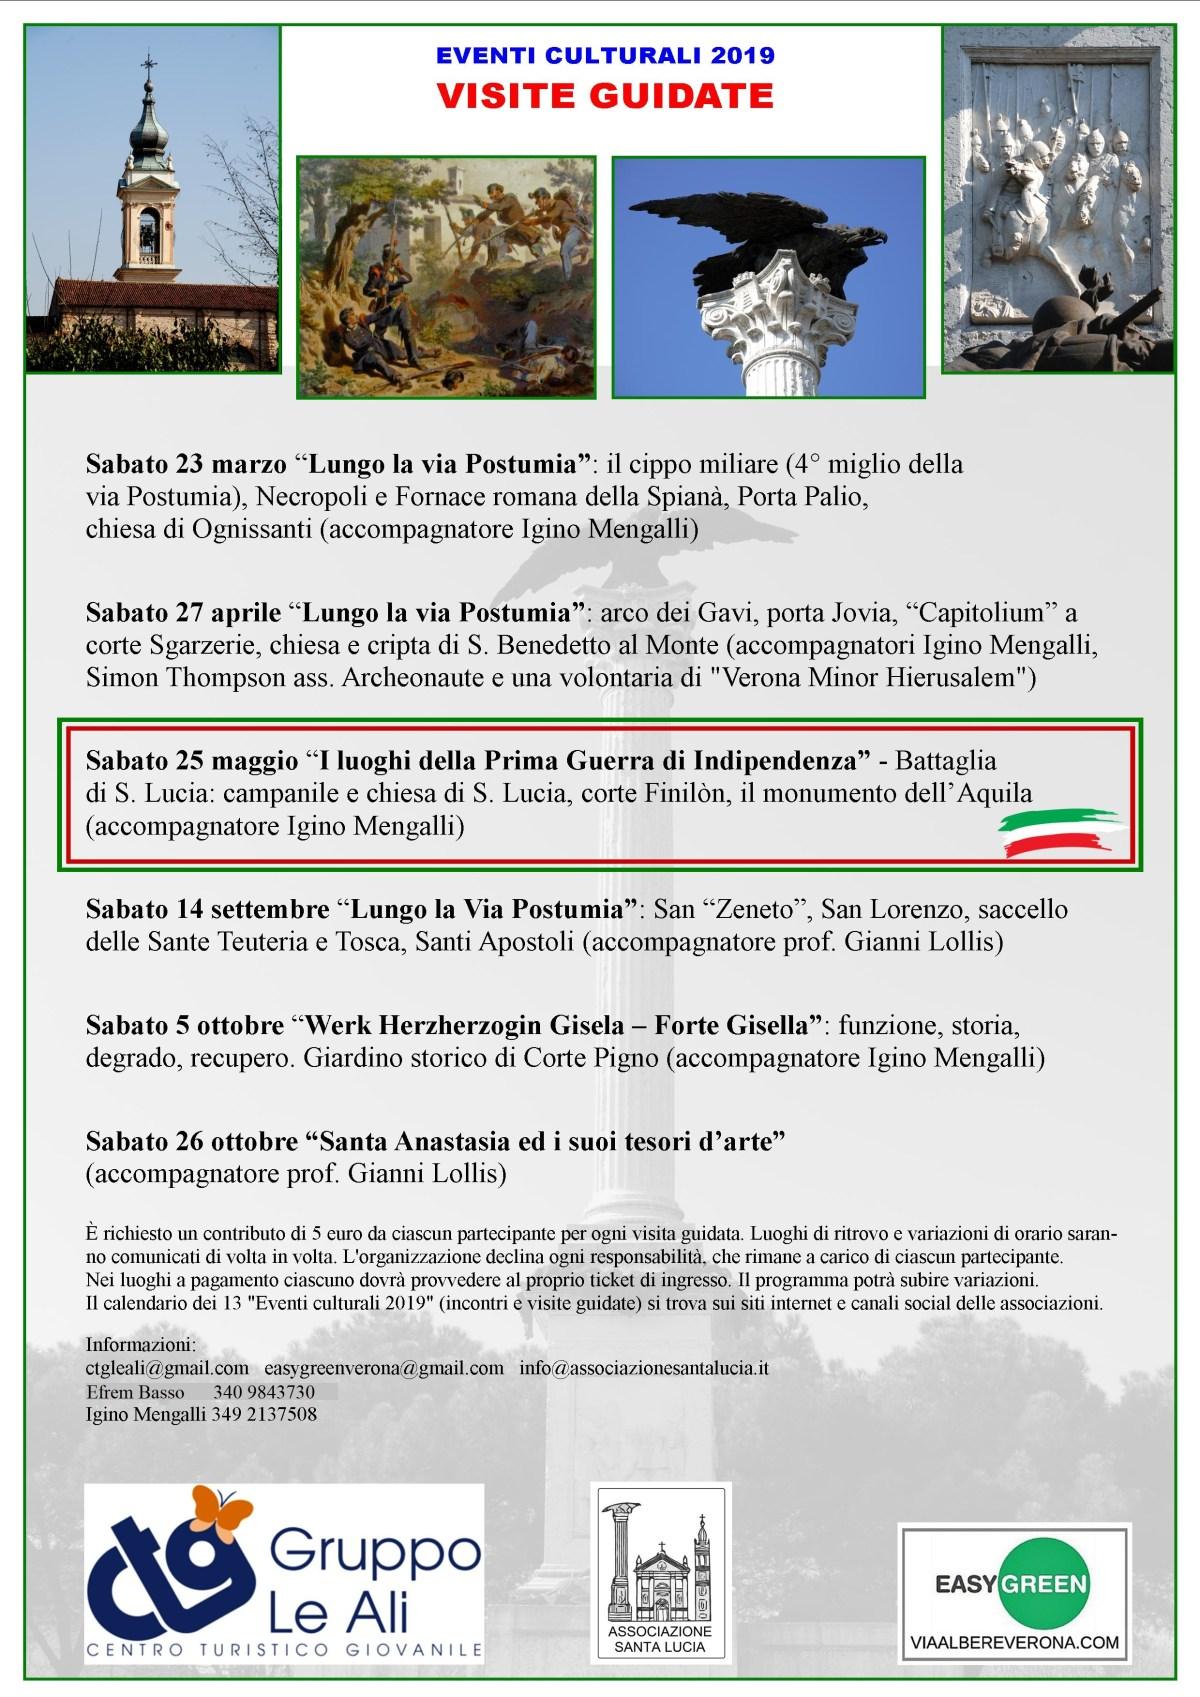 Visita guidata: I luoghi della Prima Guerra di Indipendenza a Verona – Battaglia di Santa Lucia Sabato 25 maggio 2019